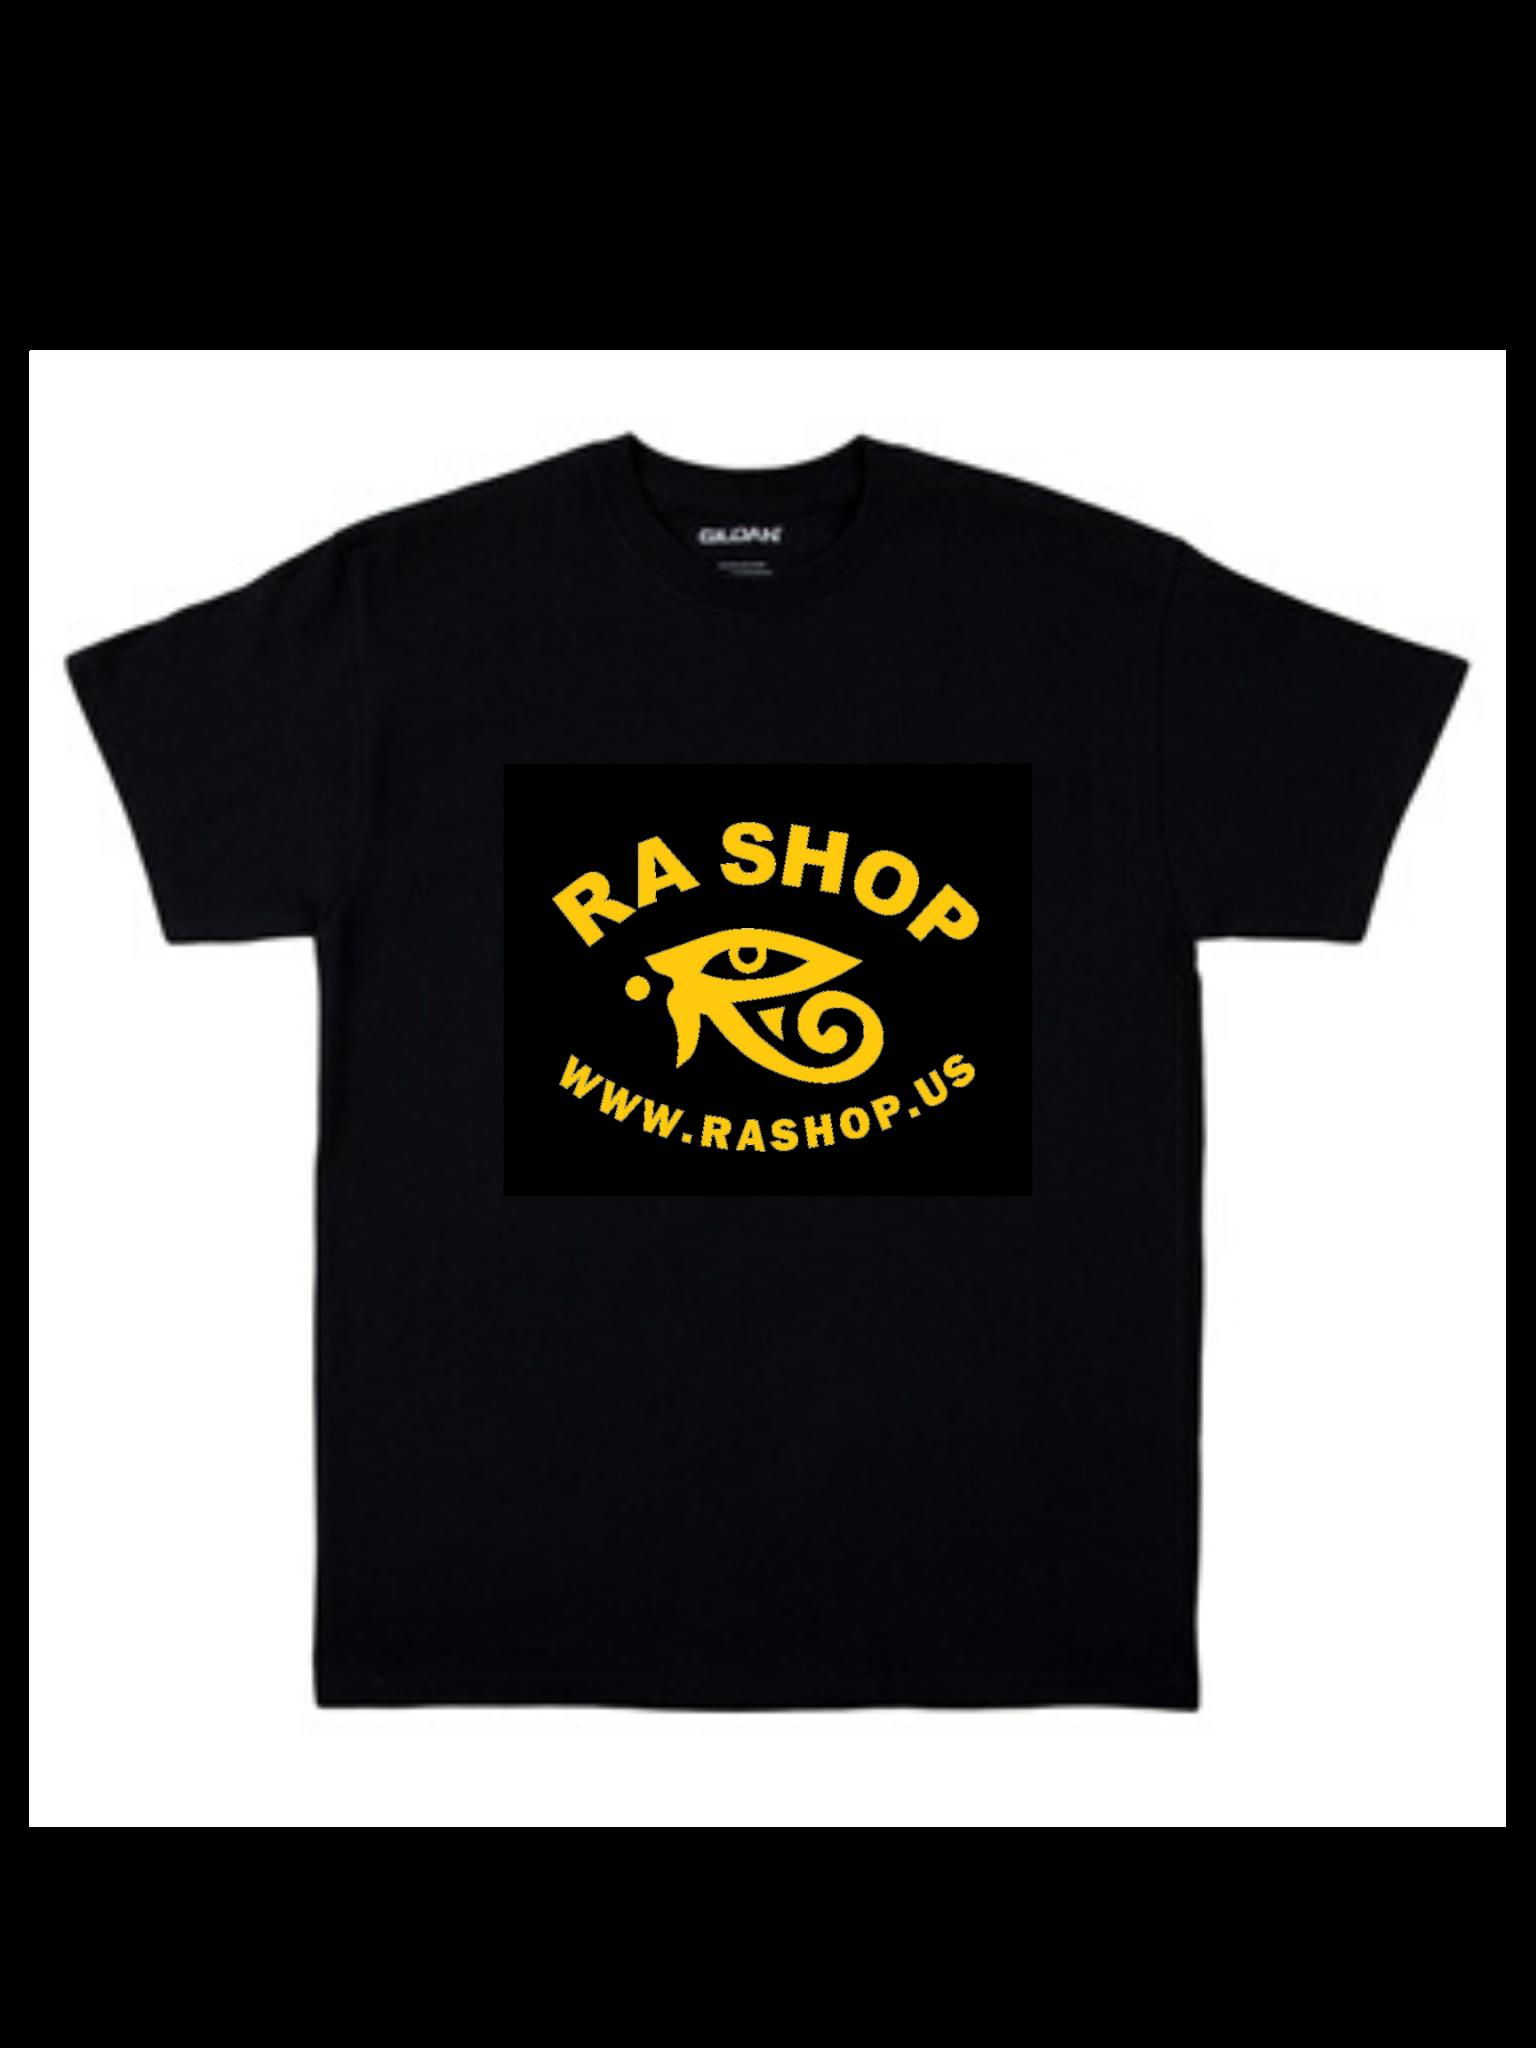 Ra Shop T-Shirt Black Md